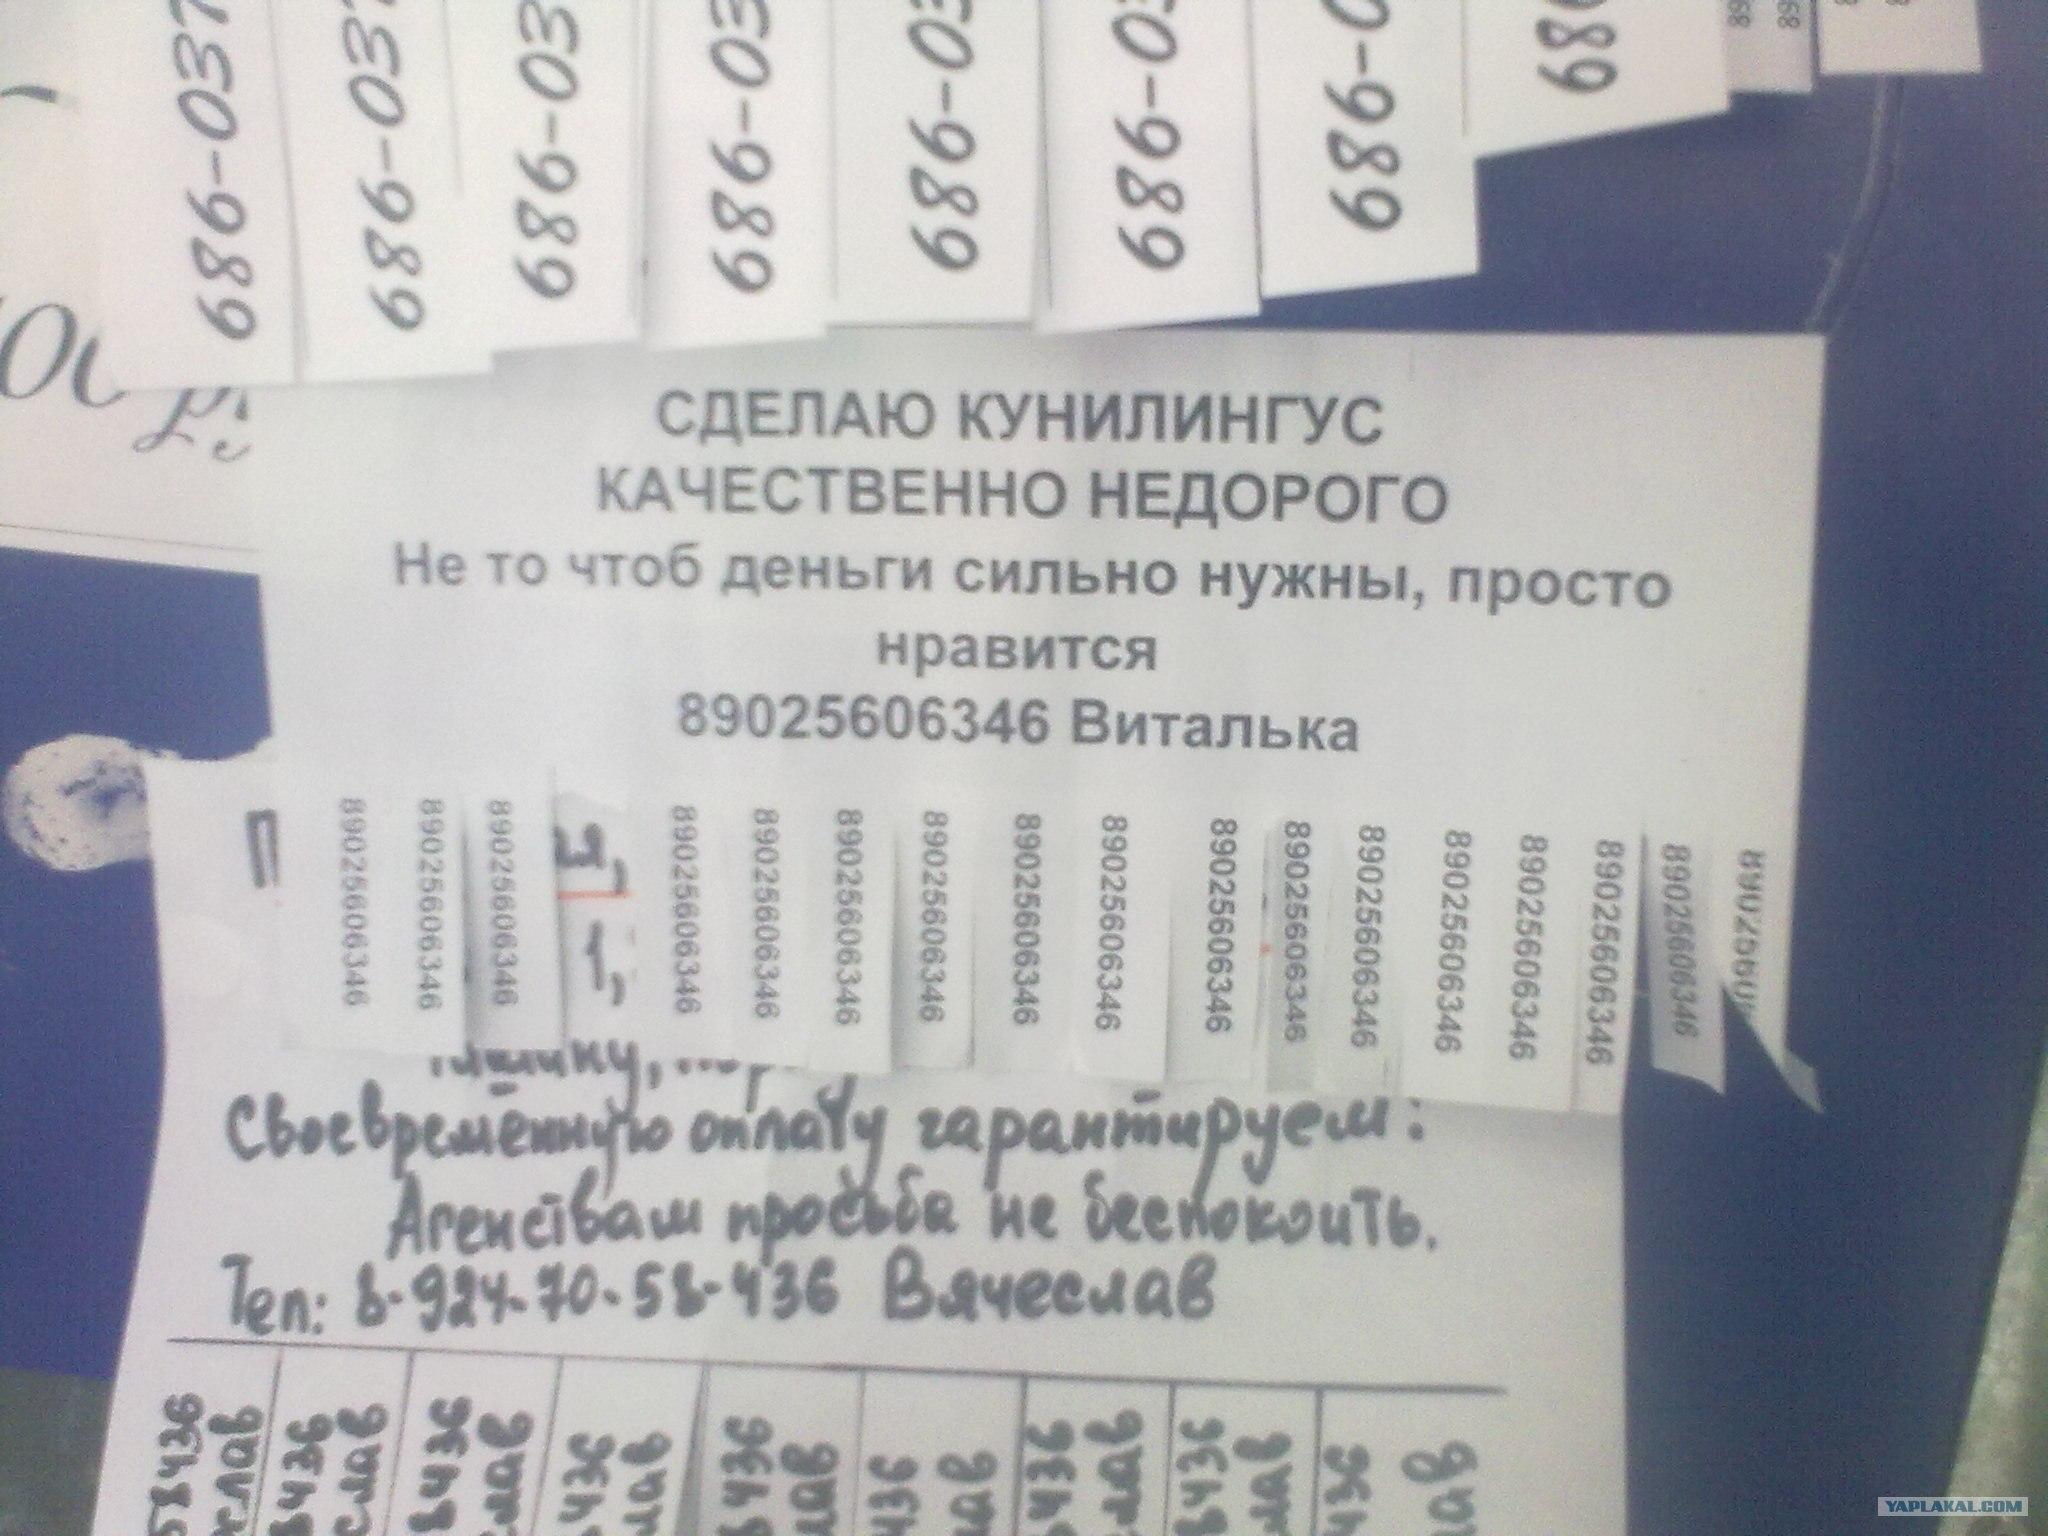 Объявление для проститутов